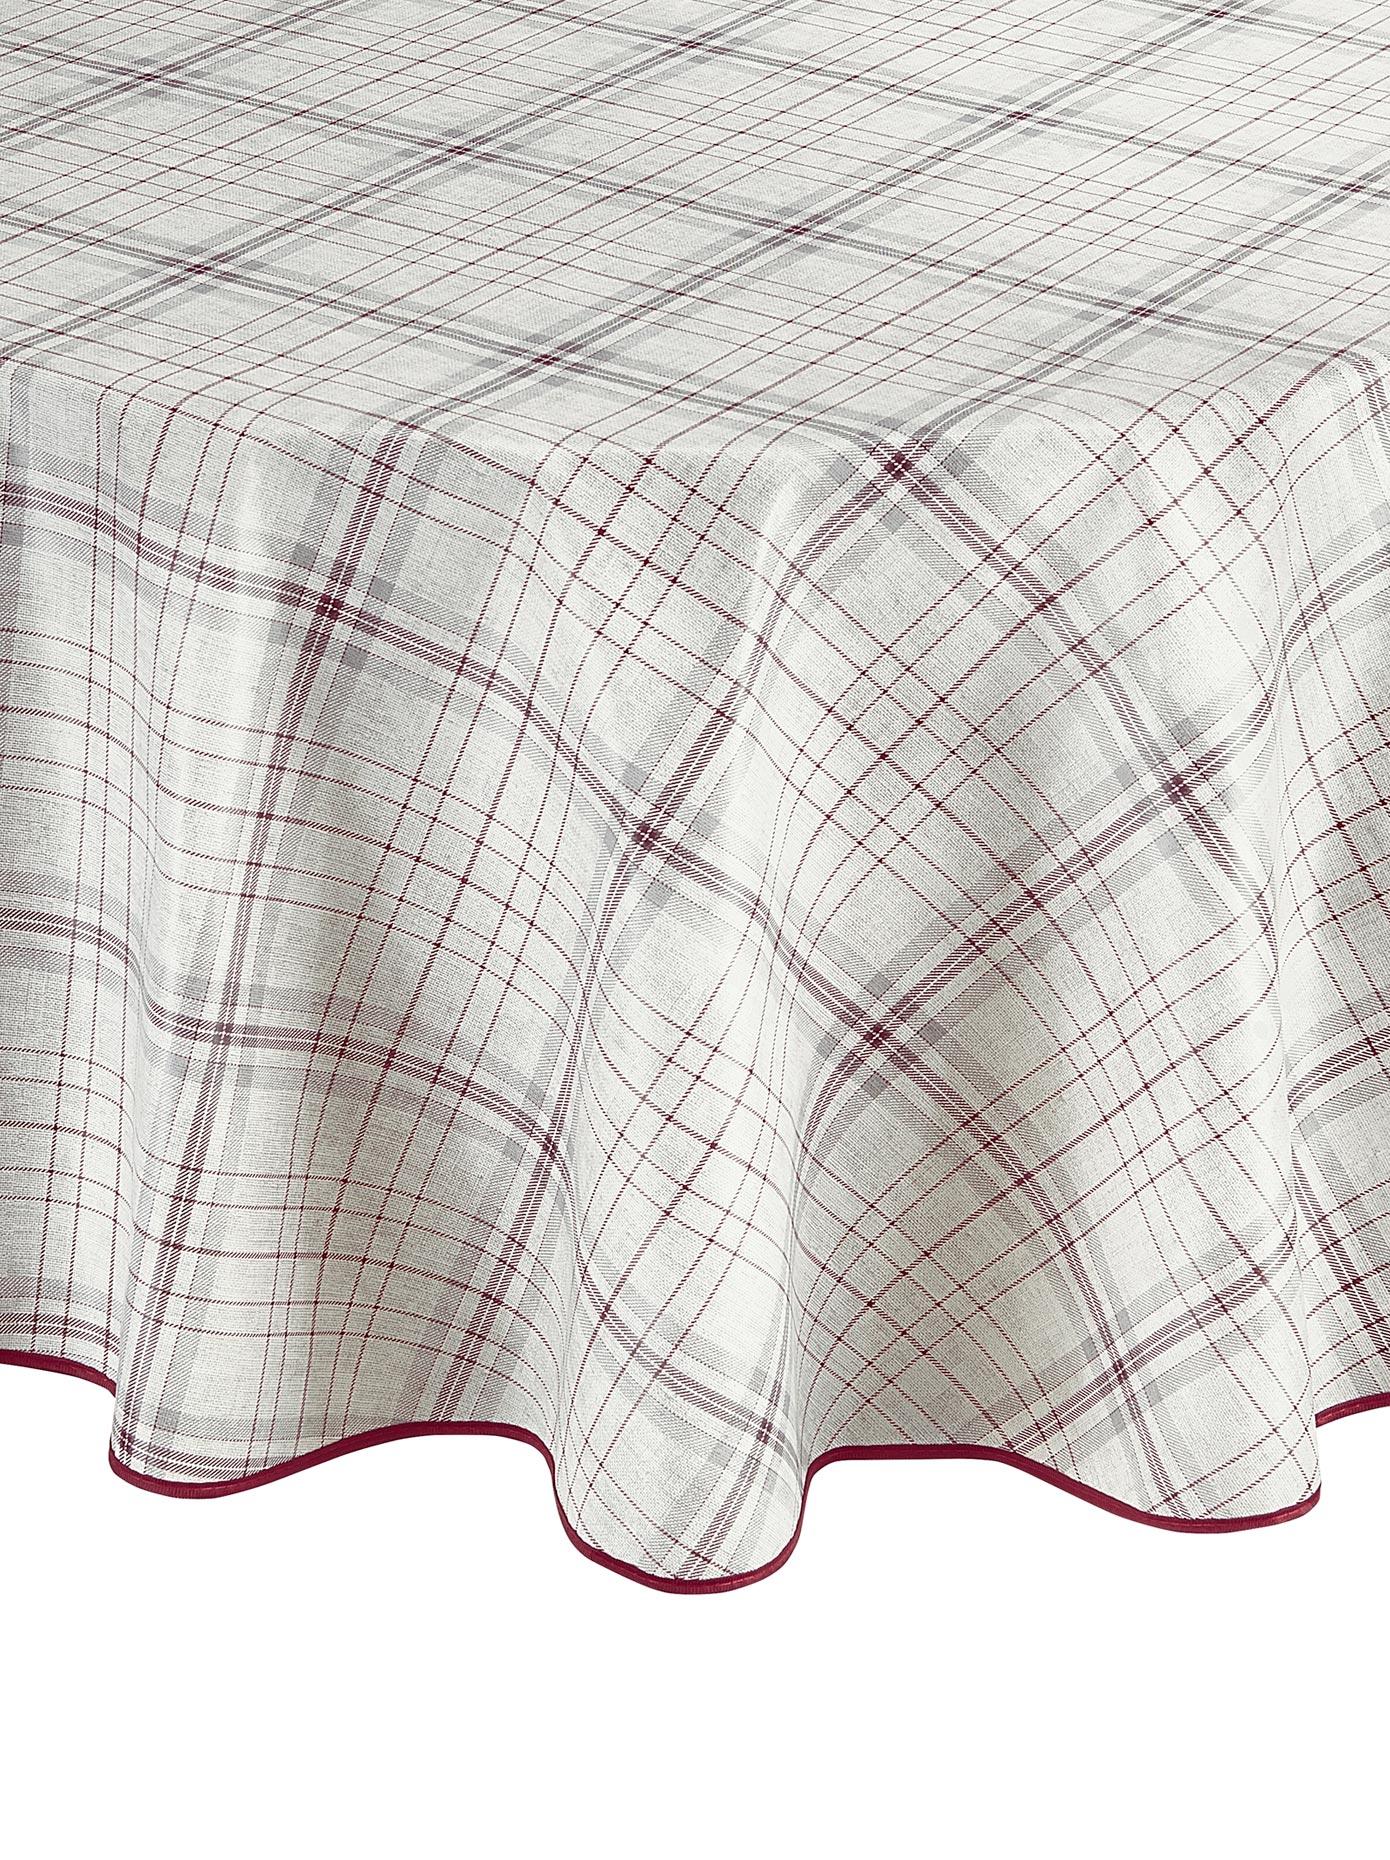 Tischdecke grau Tischdecken Tischwäsche